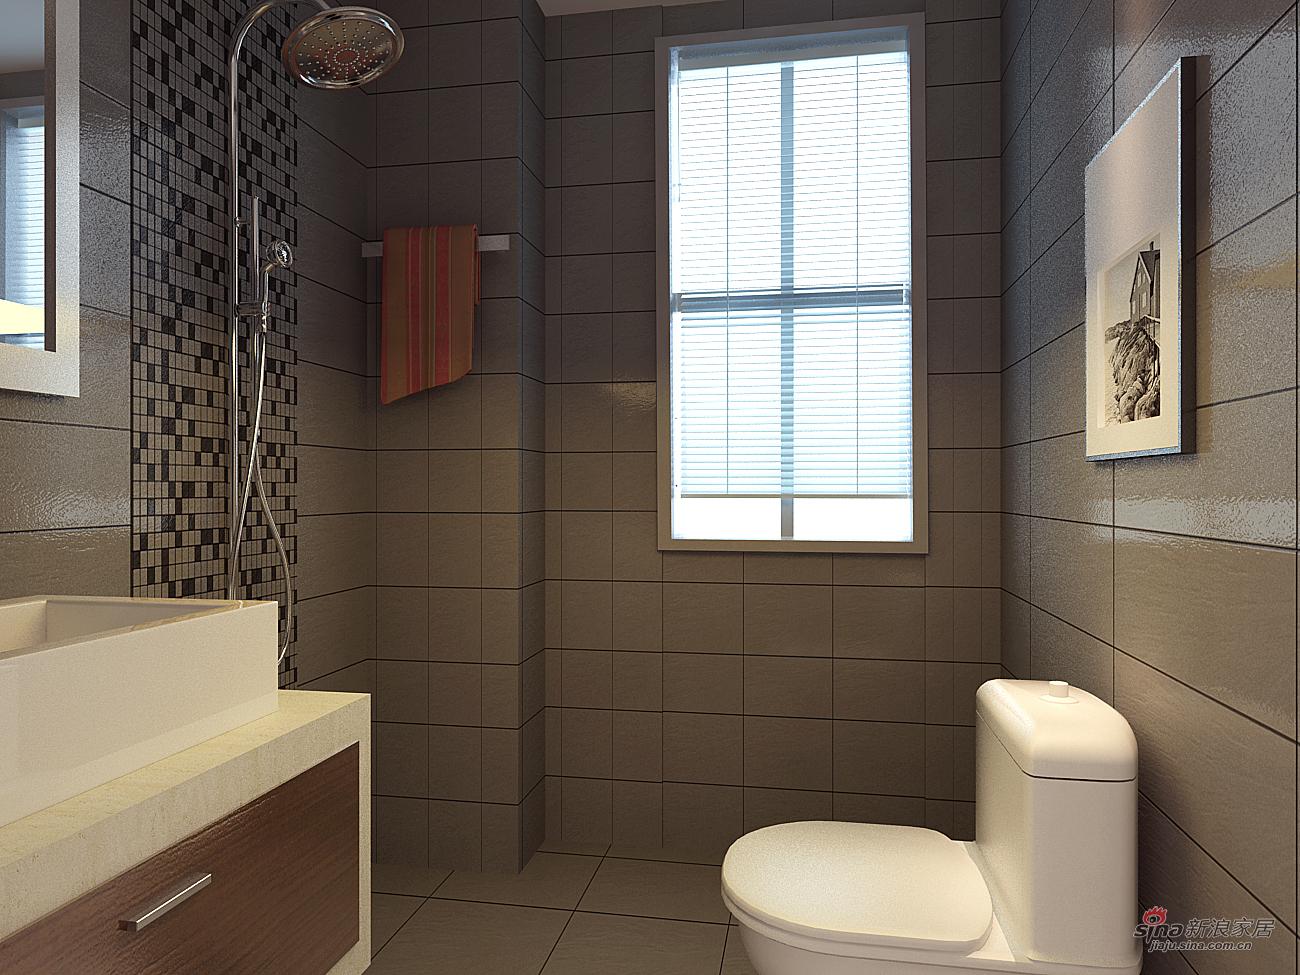 简约 三居 卫生间图片来自用户2556216825在130平简约三居室91的分享